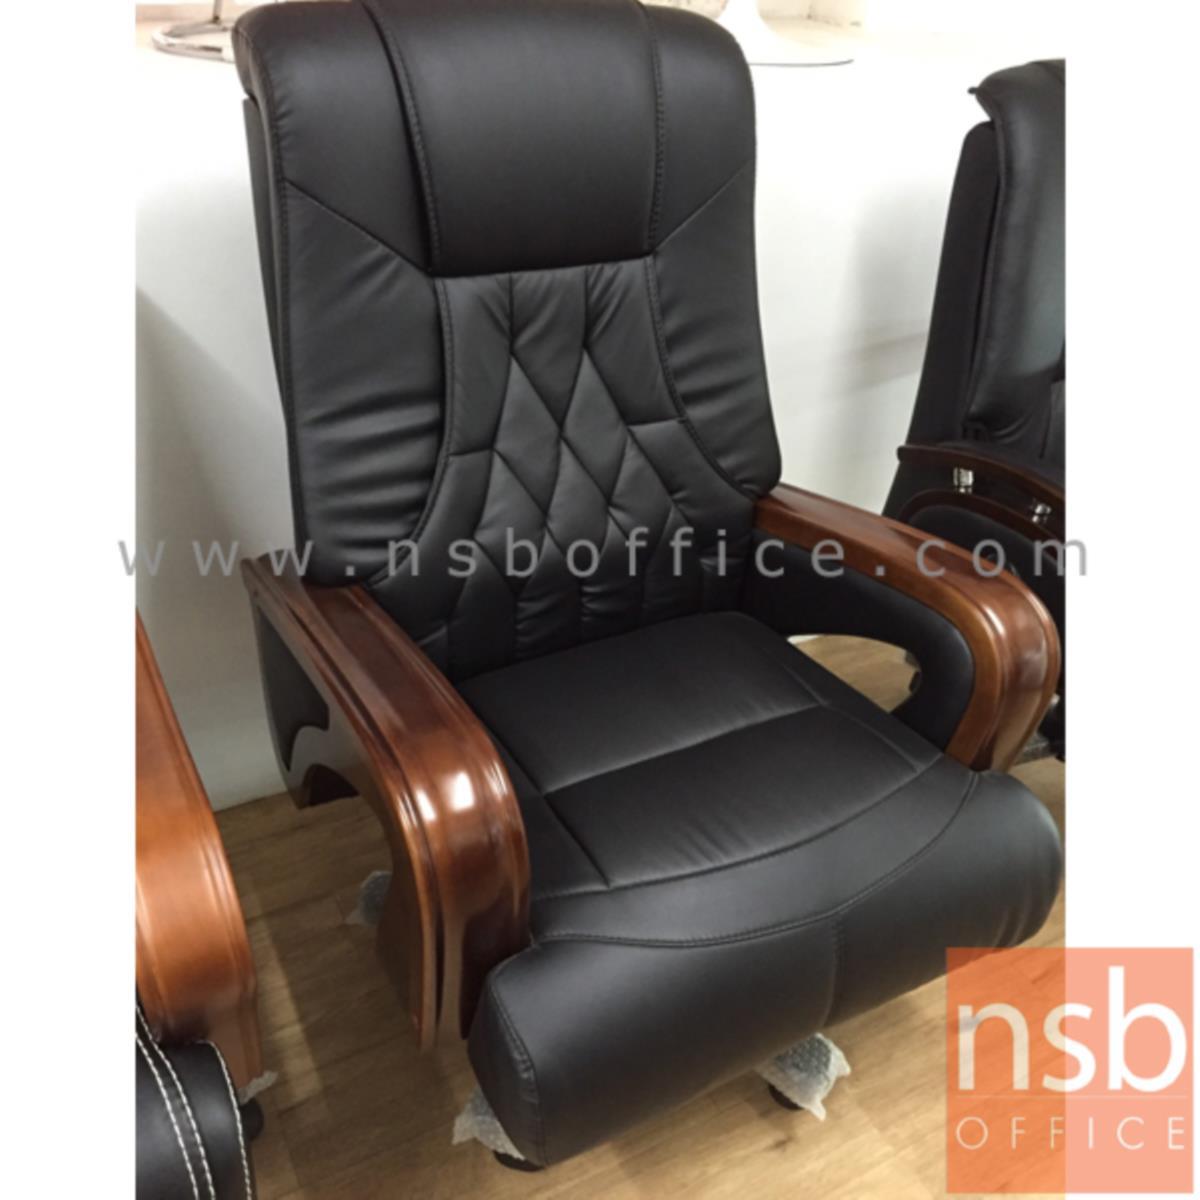 เก้าอี้ผู้บริหารหนังแท้ รุ่น Ferrell (เฟอร์เรล)  โช๊คแก๊ส มีก้อนโยก ขาไม้